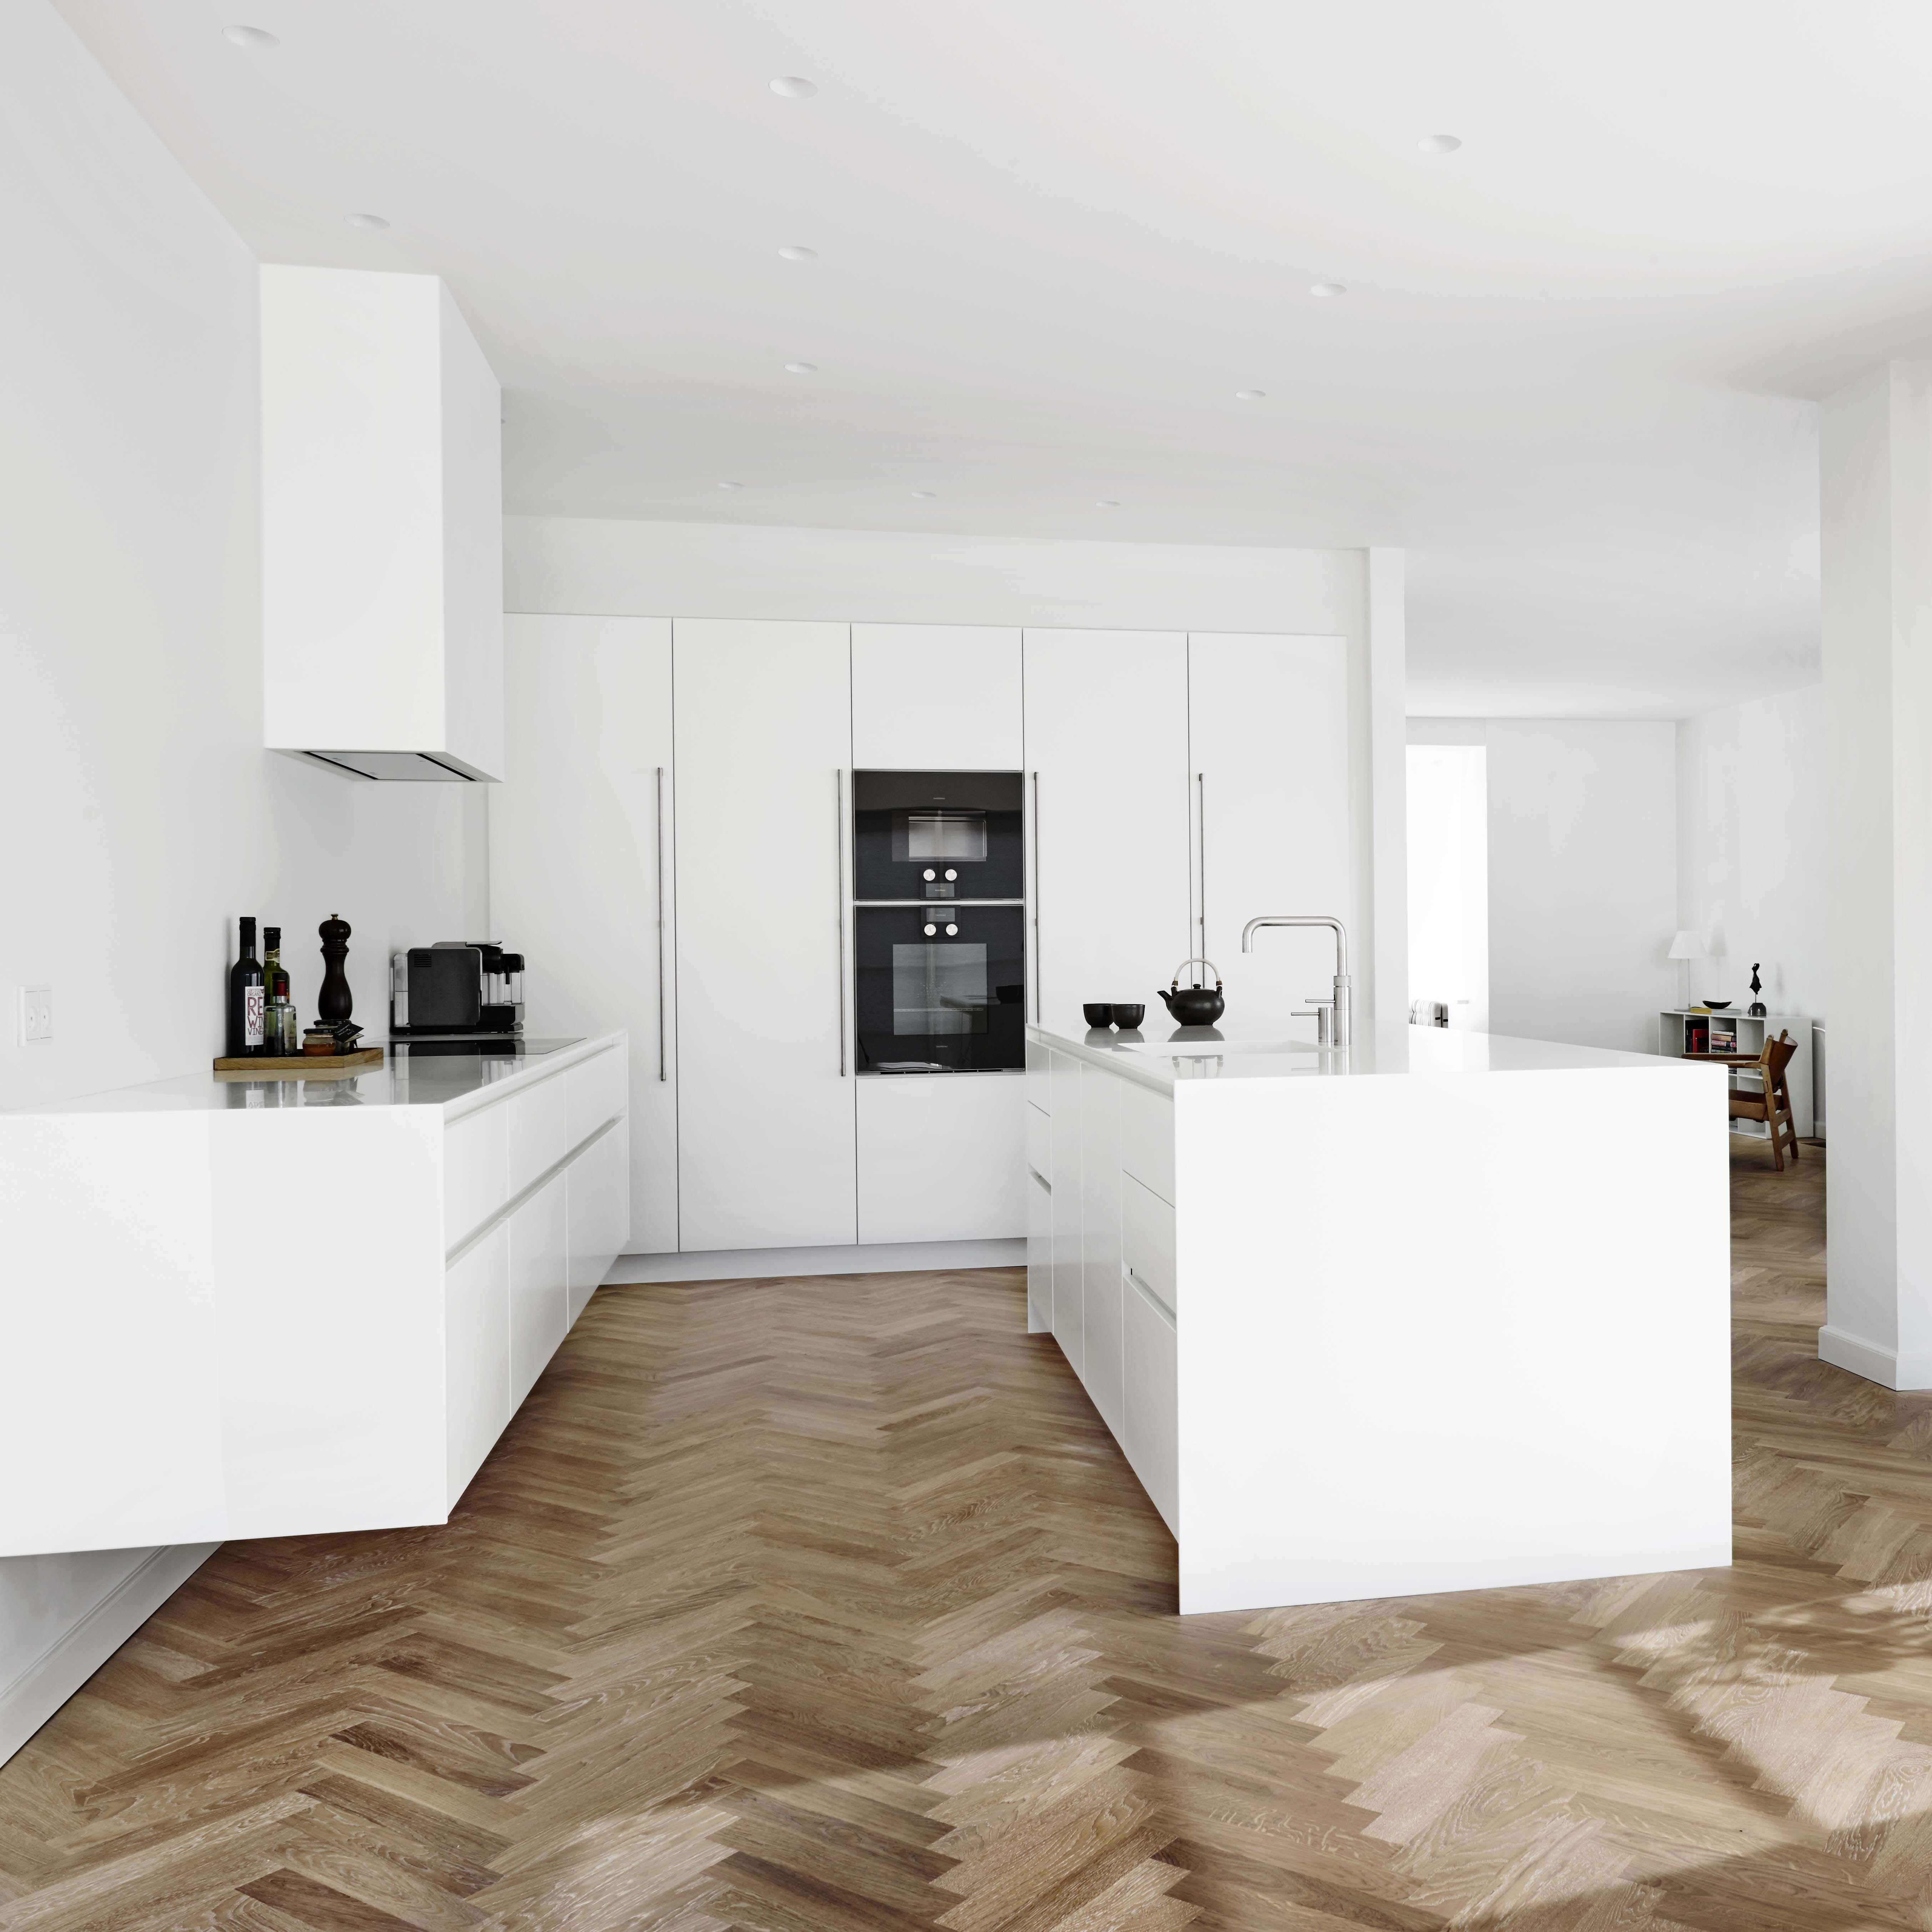 Holzdielen In Der Küche form 6 7 white kitchen by multiform multiform form 6